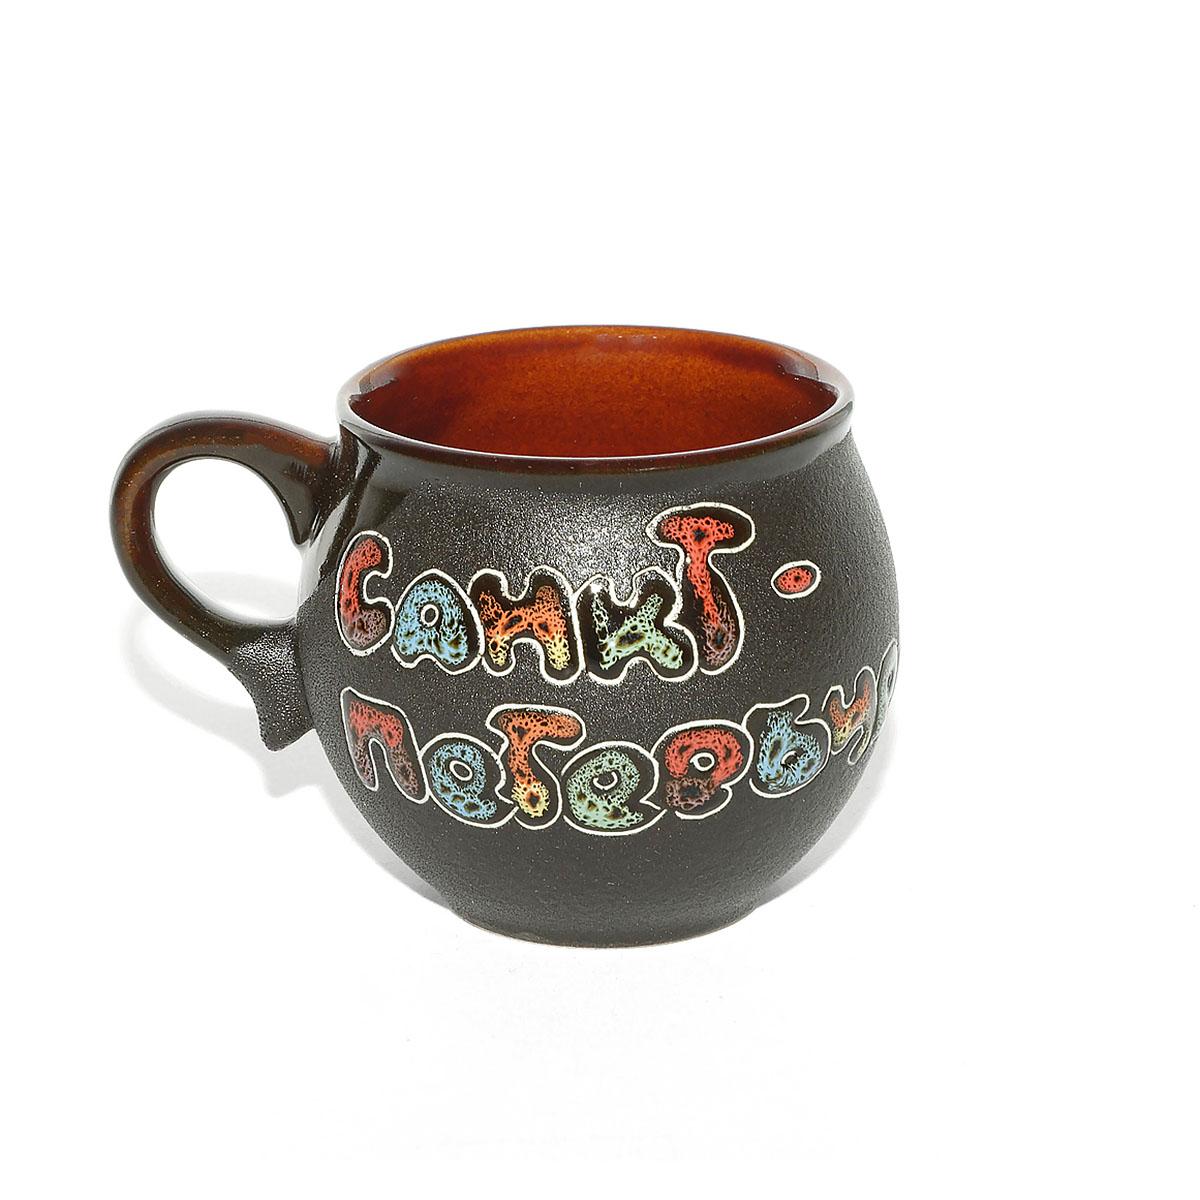 чашка глиняная малиновый щербет 350 мл Чашка глиняная Санкт-Петербург, 200 мл